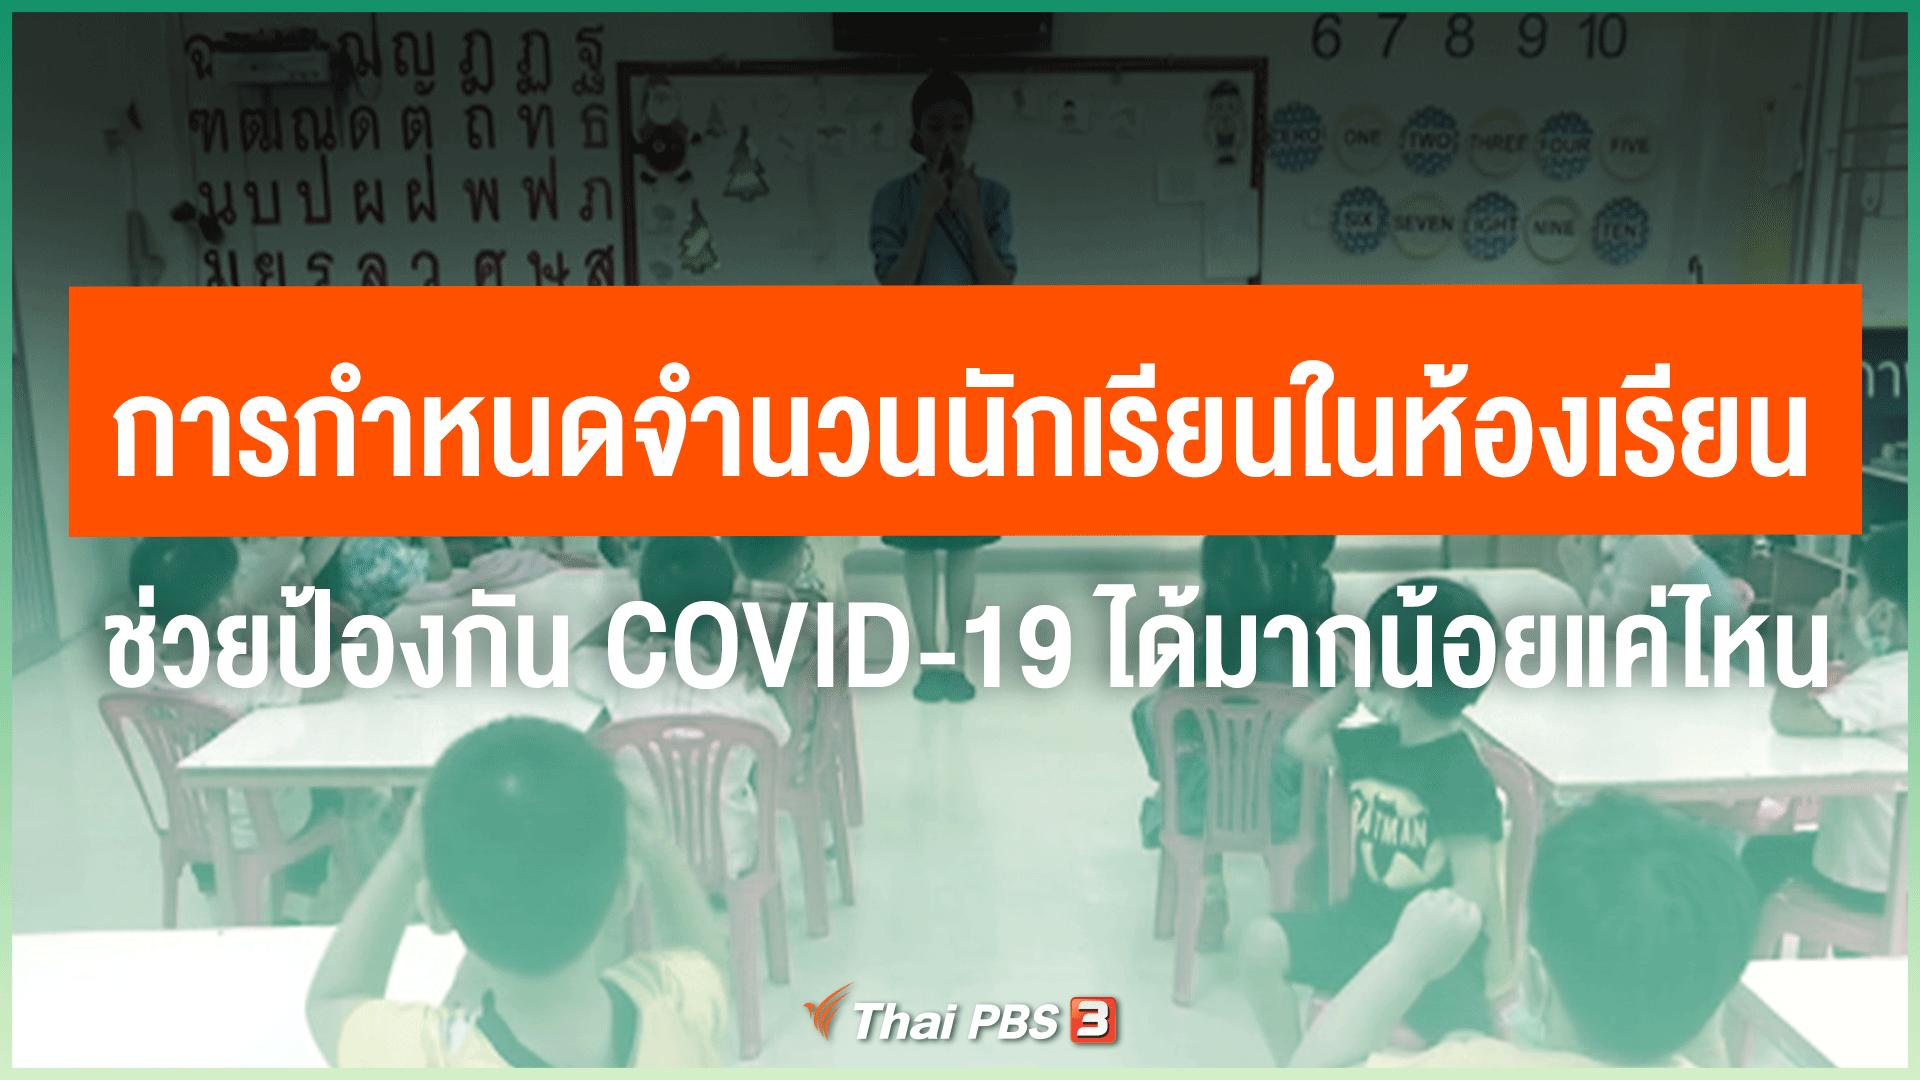 การกำหนดจำนวนนักเรียนในห้องเรียน ช่วยป้องกัน COVID-19 ได้แค่ไหน ?